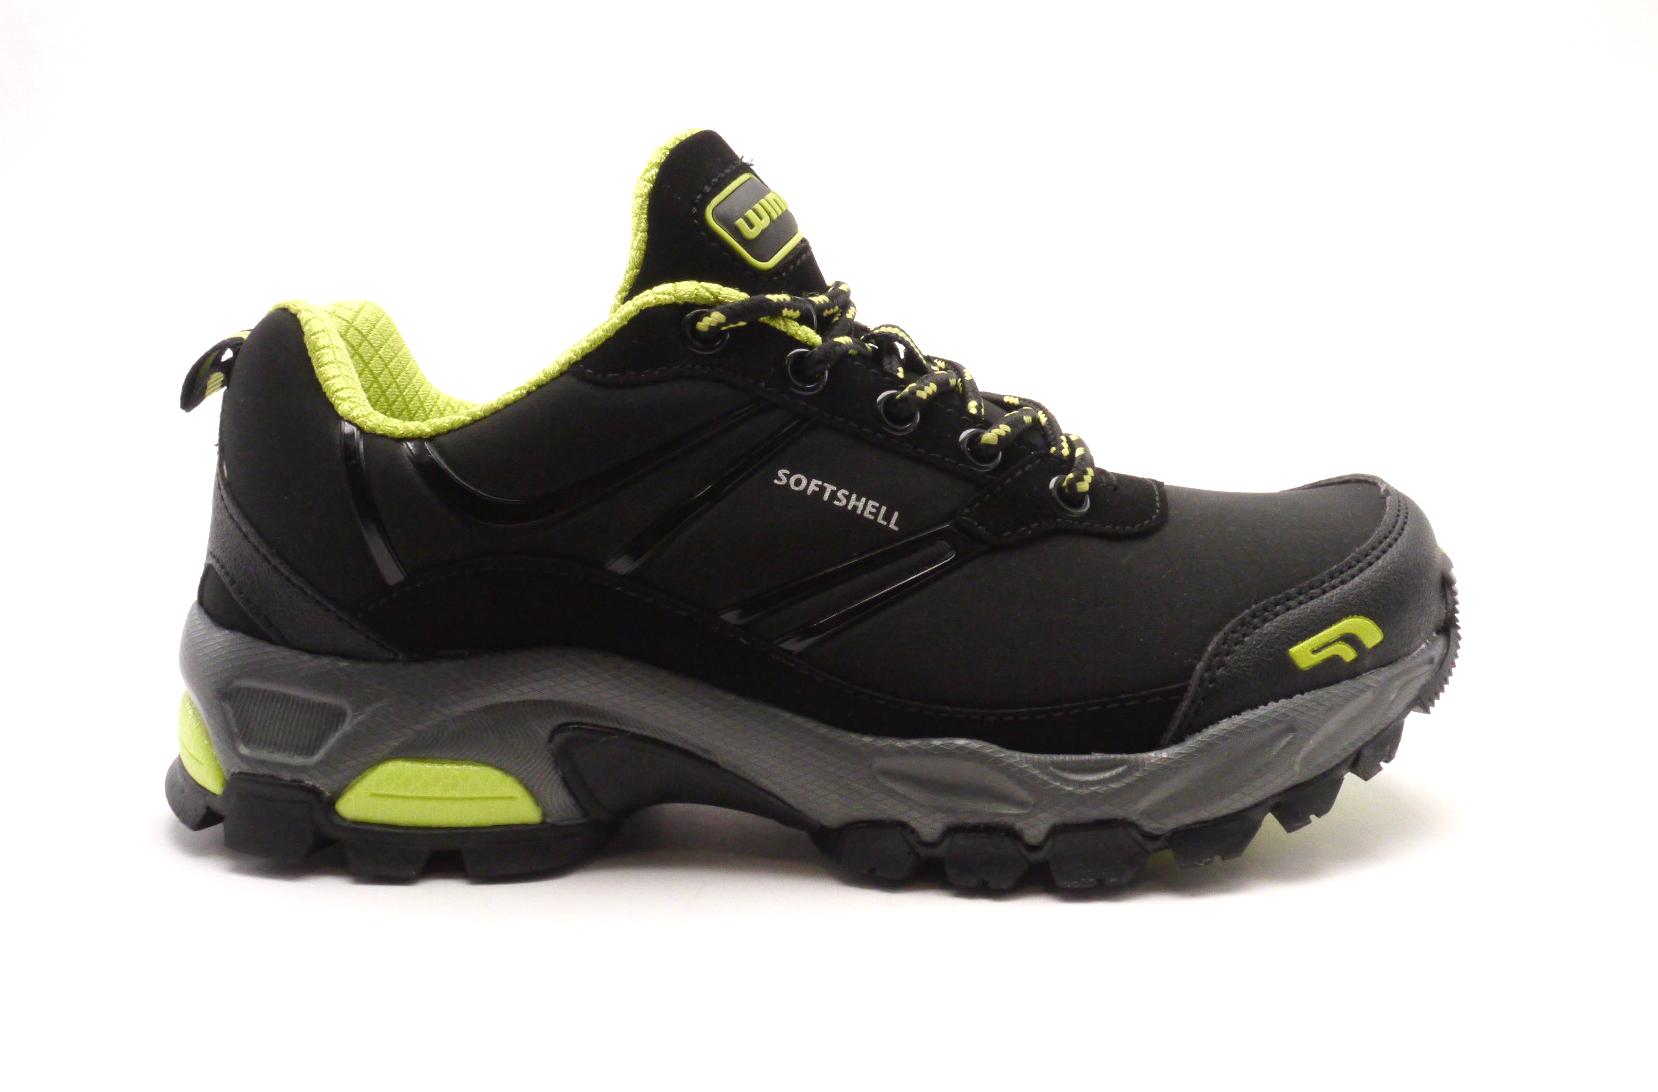 Wink Dámská sportovní obuv lf6183-1-3 Velikost  36 e83392e8cfa